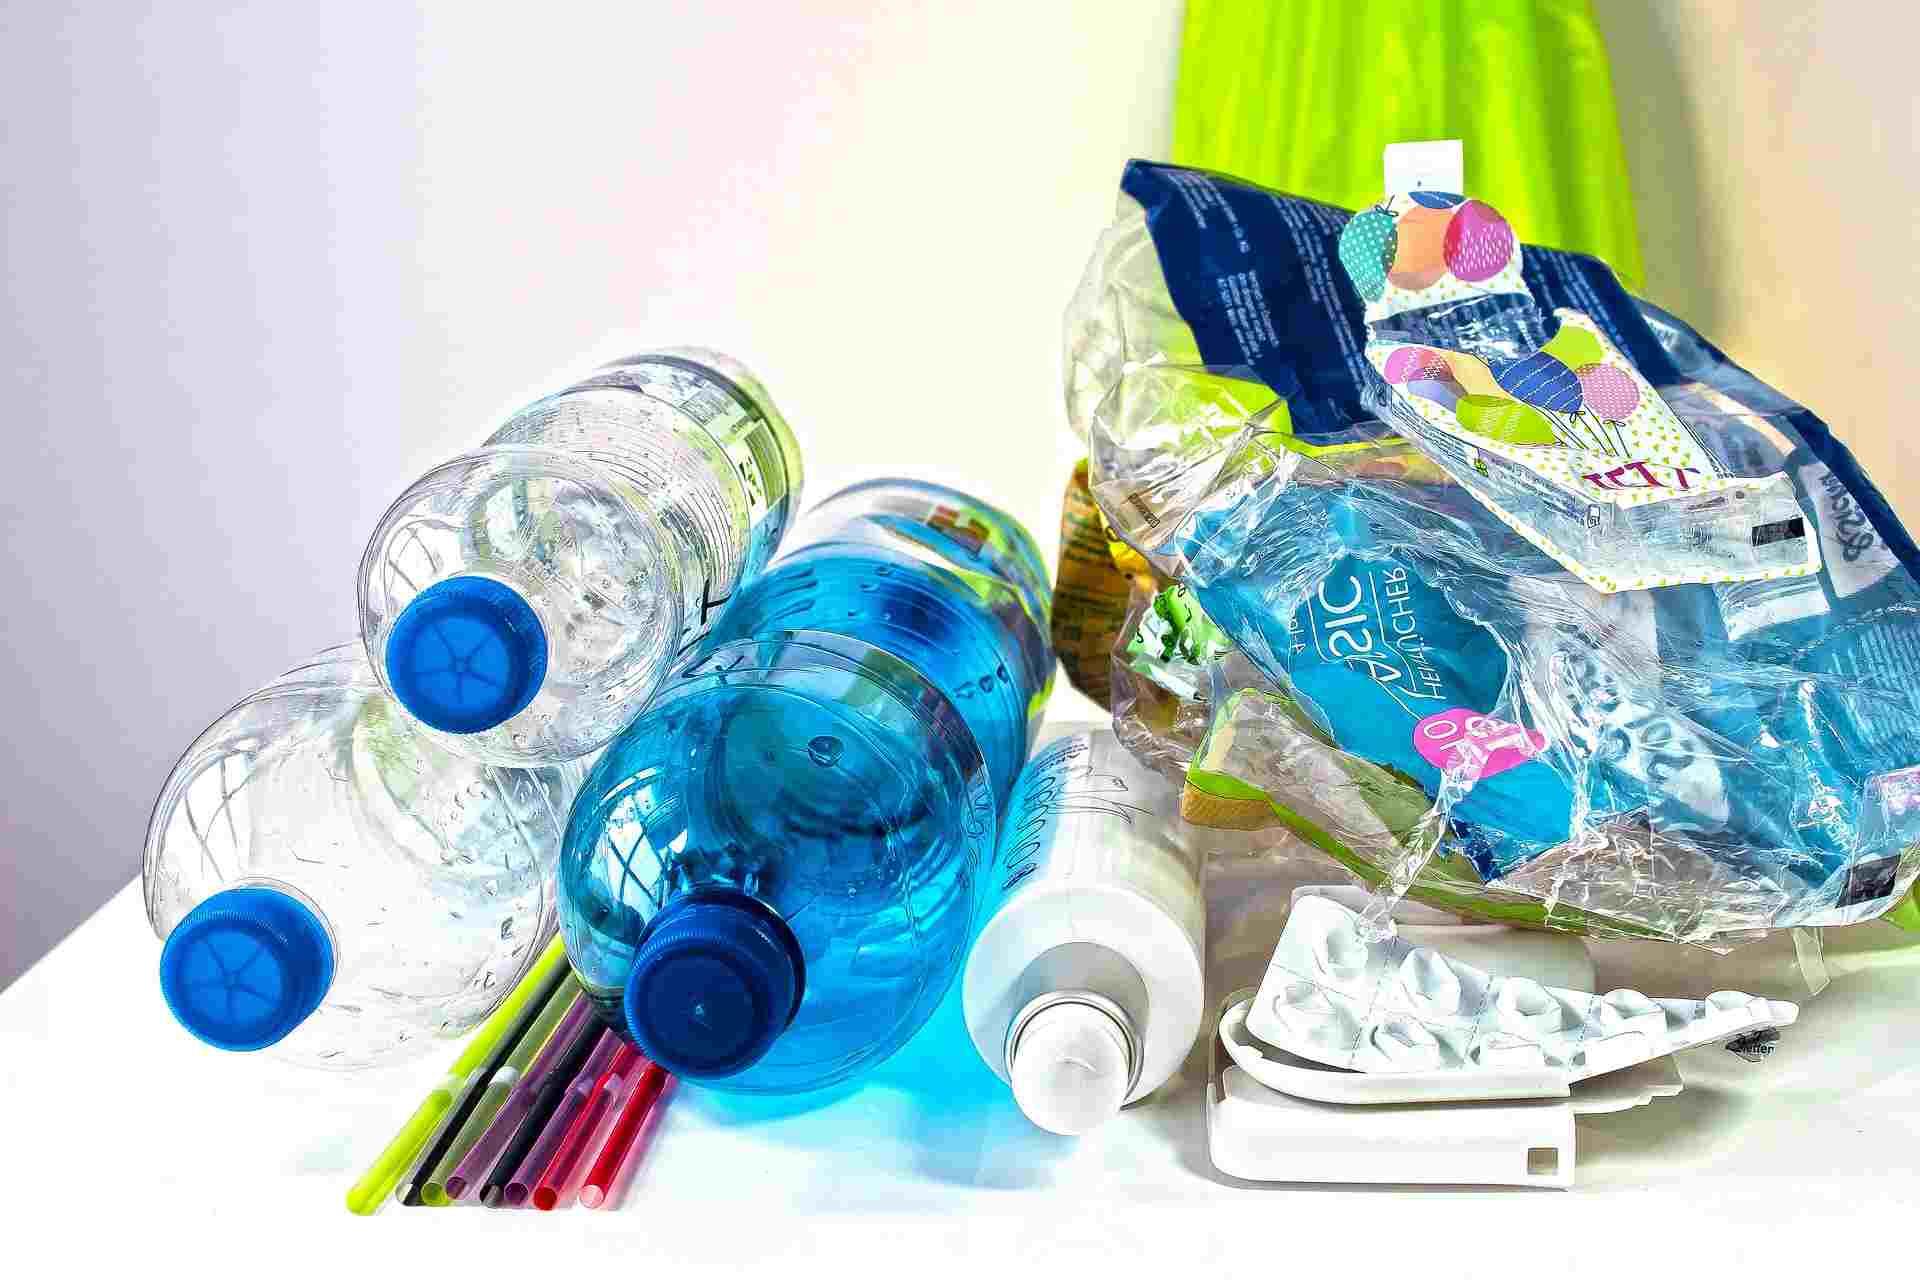 В России готовится запрет на использование отдельных видов пластика